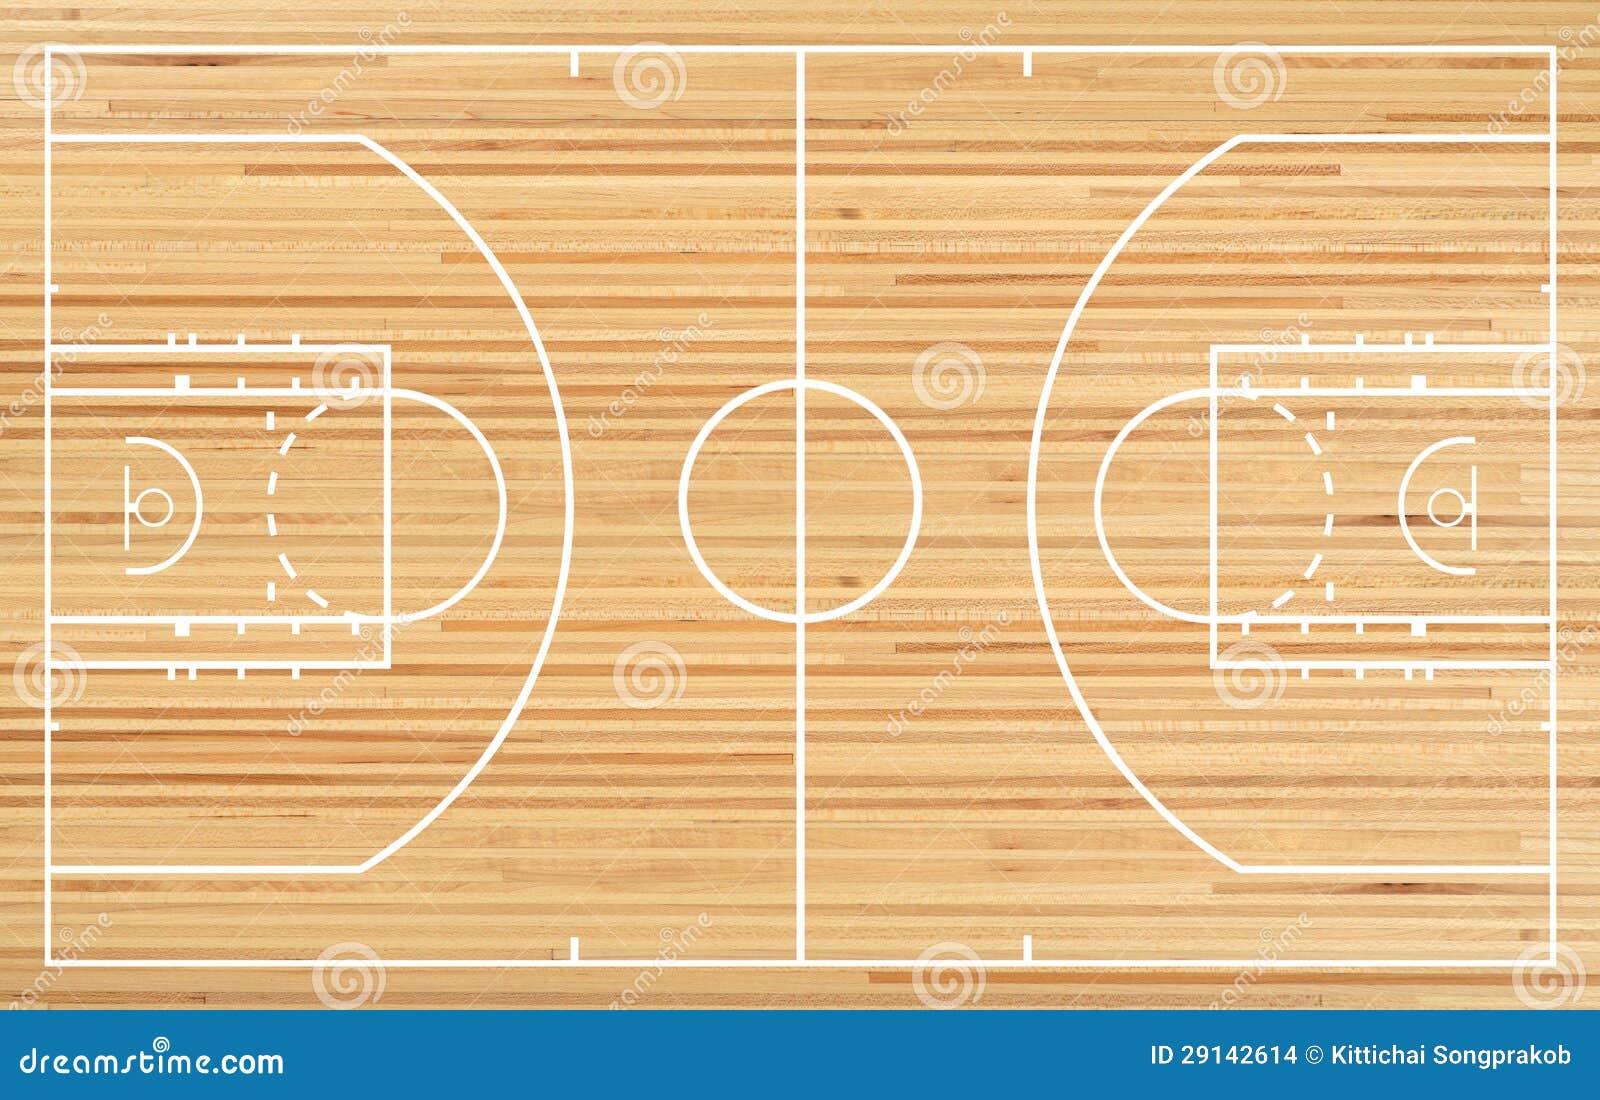 Basketball Court Floor Plan: Basketball Court Stock Illustration. Illustration Of Fake